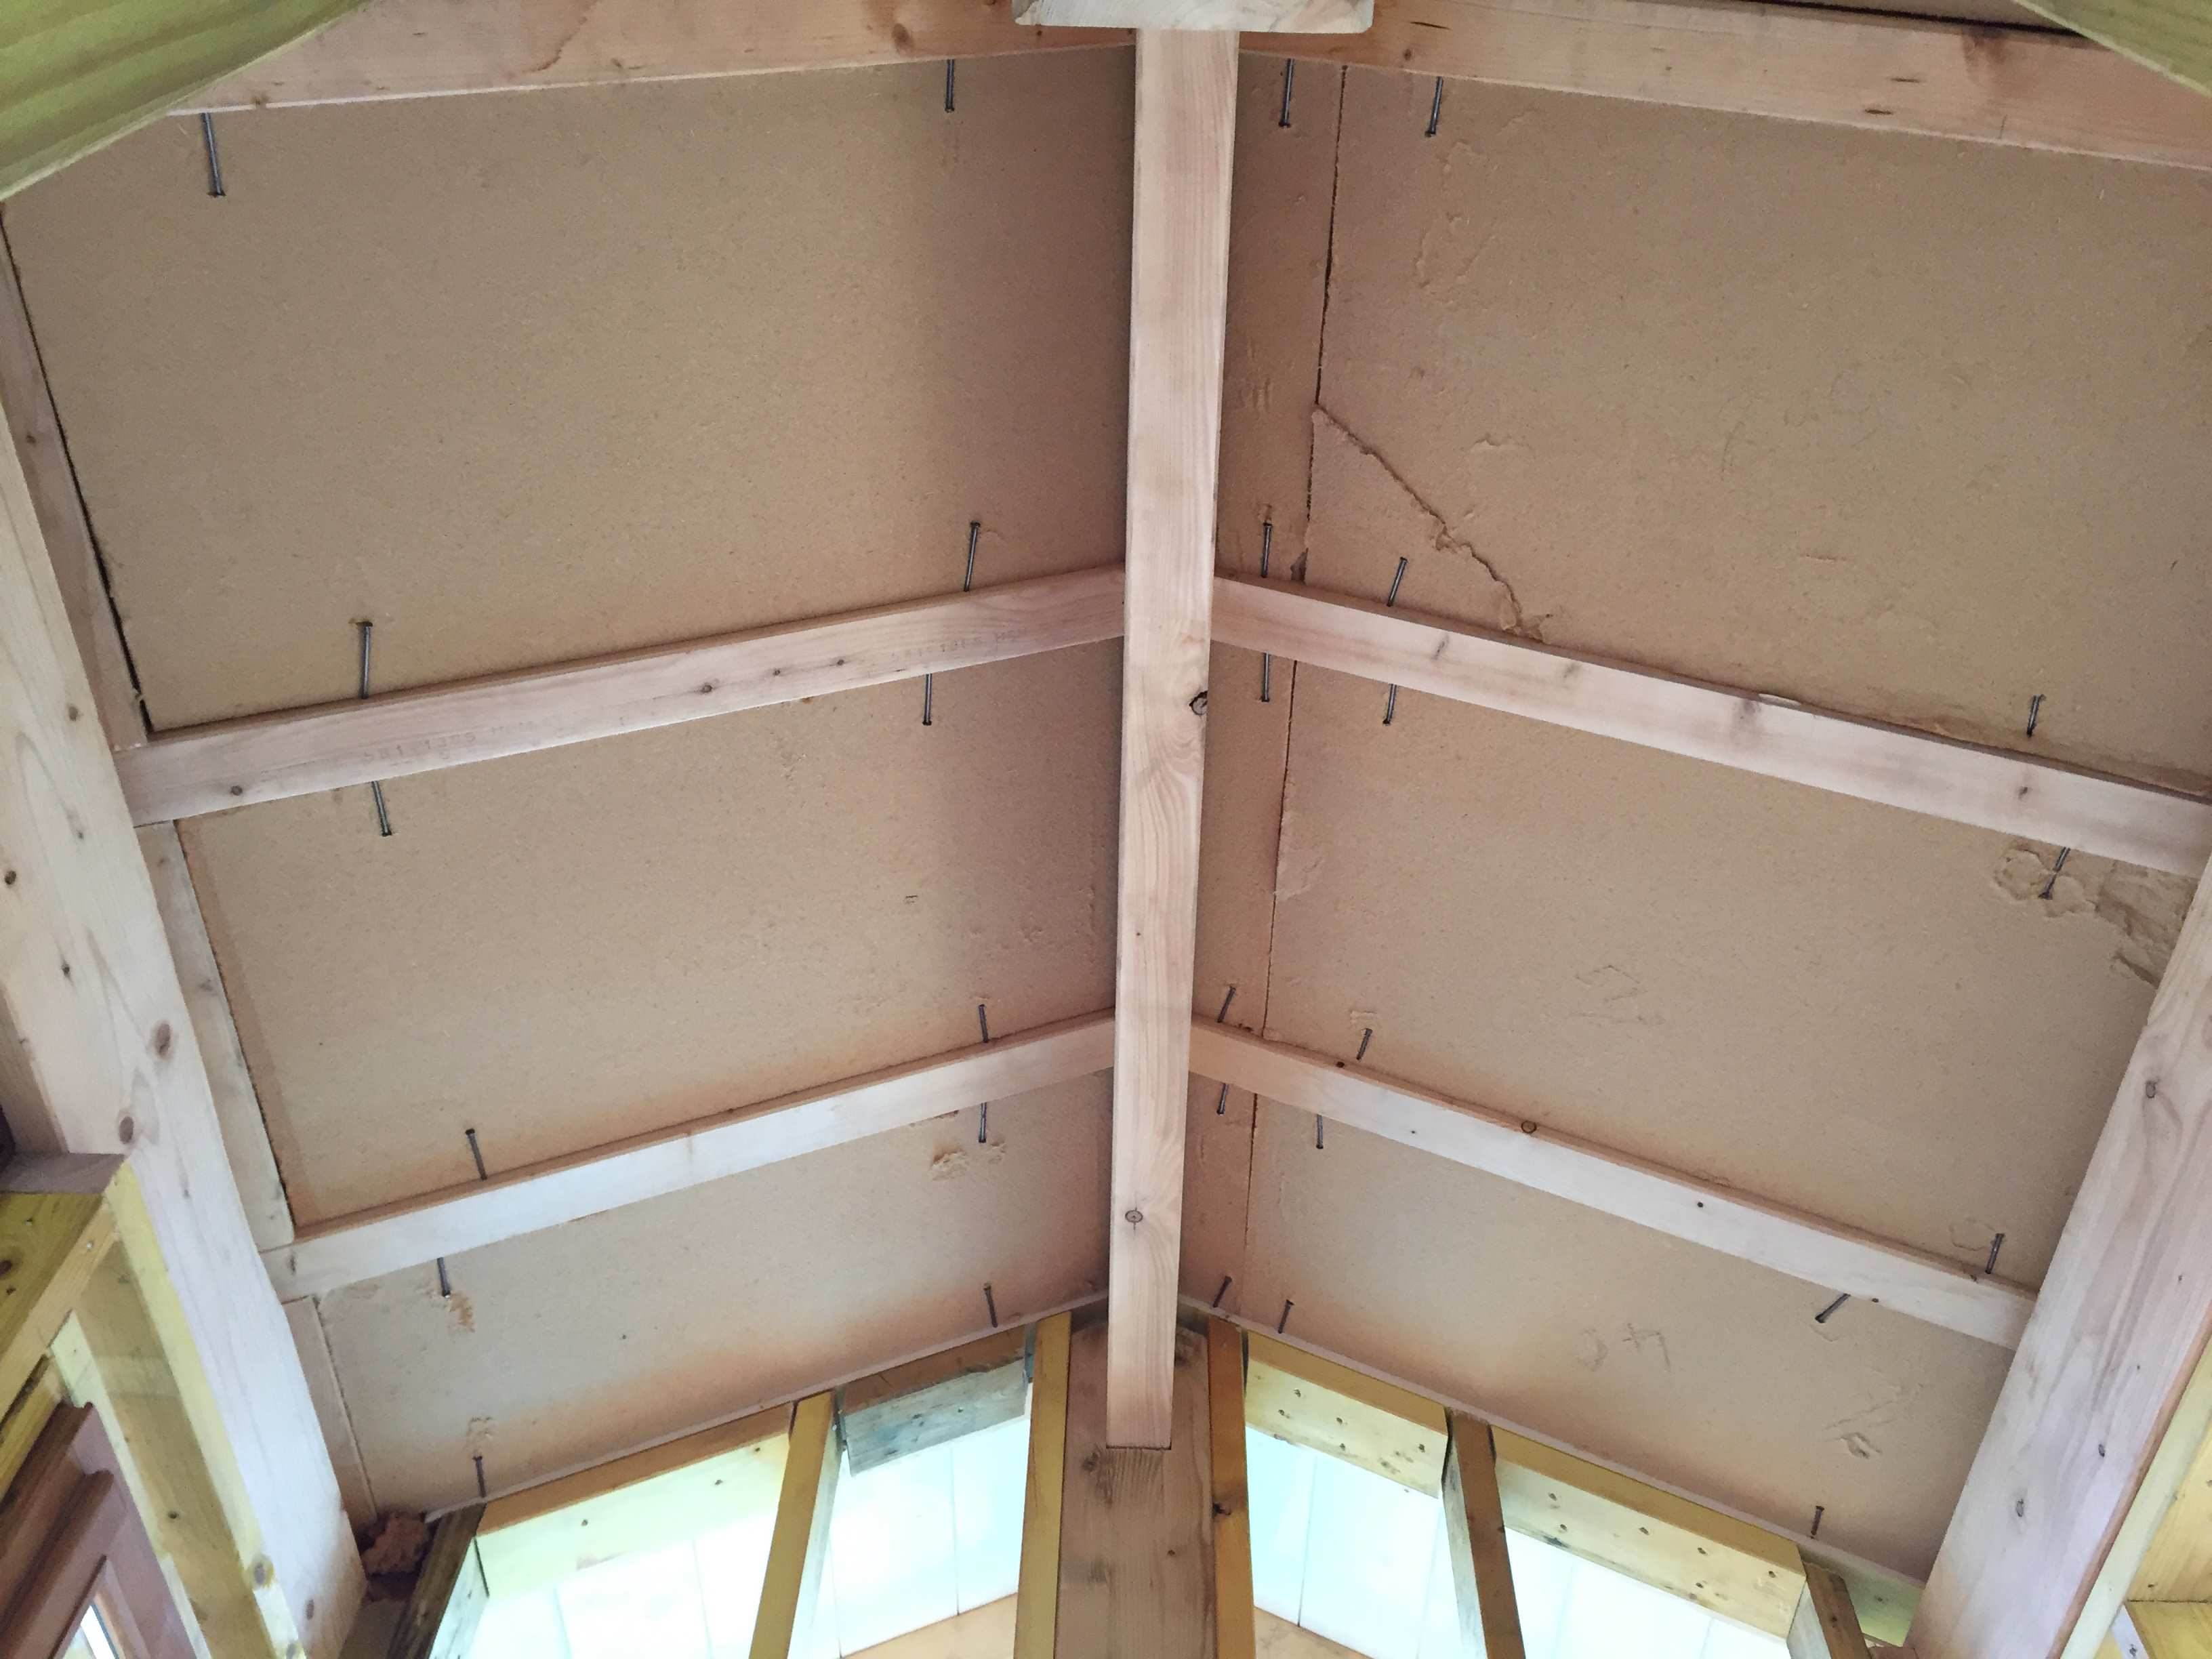 isolation toiture de l'ossature bois